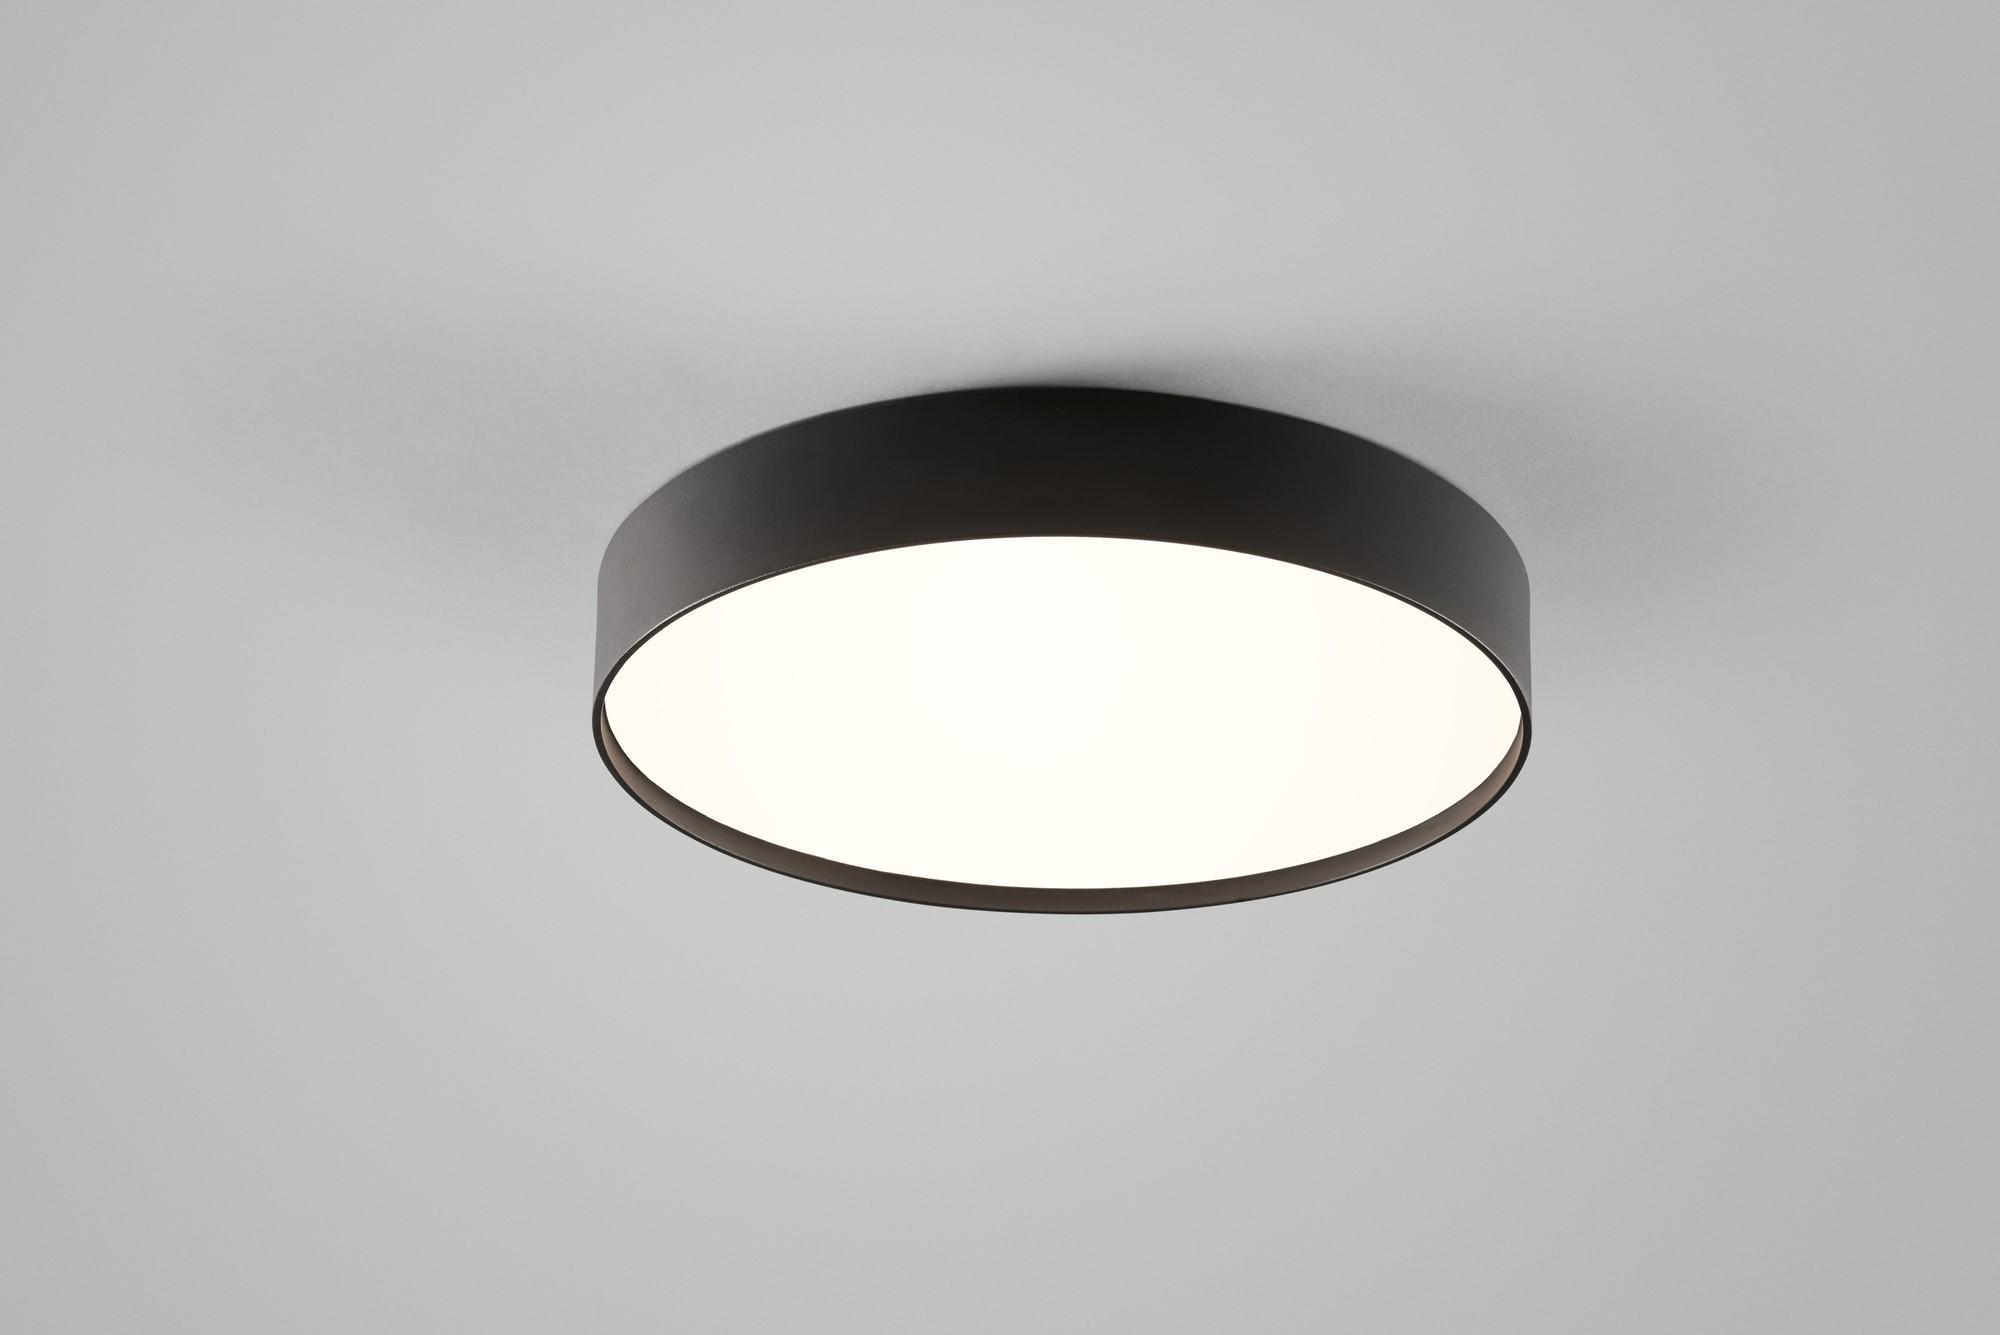 Deckenlampe SURFACE schwarz